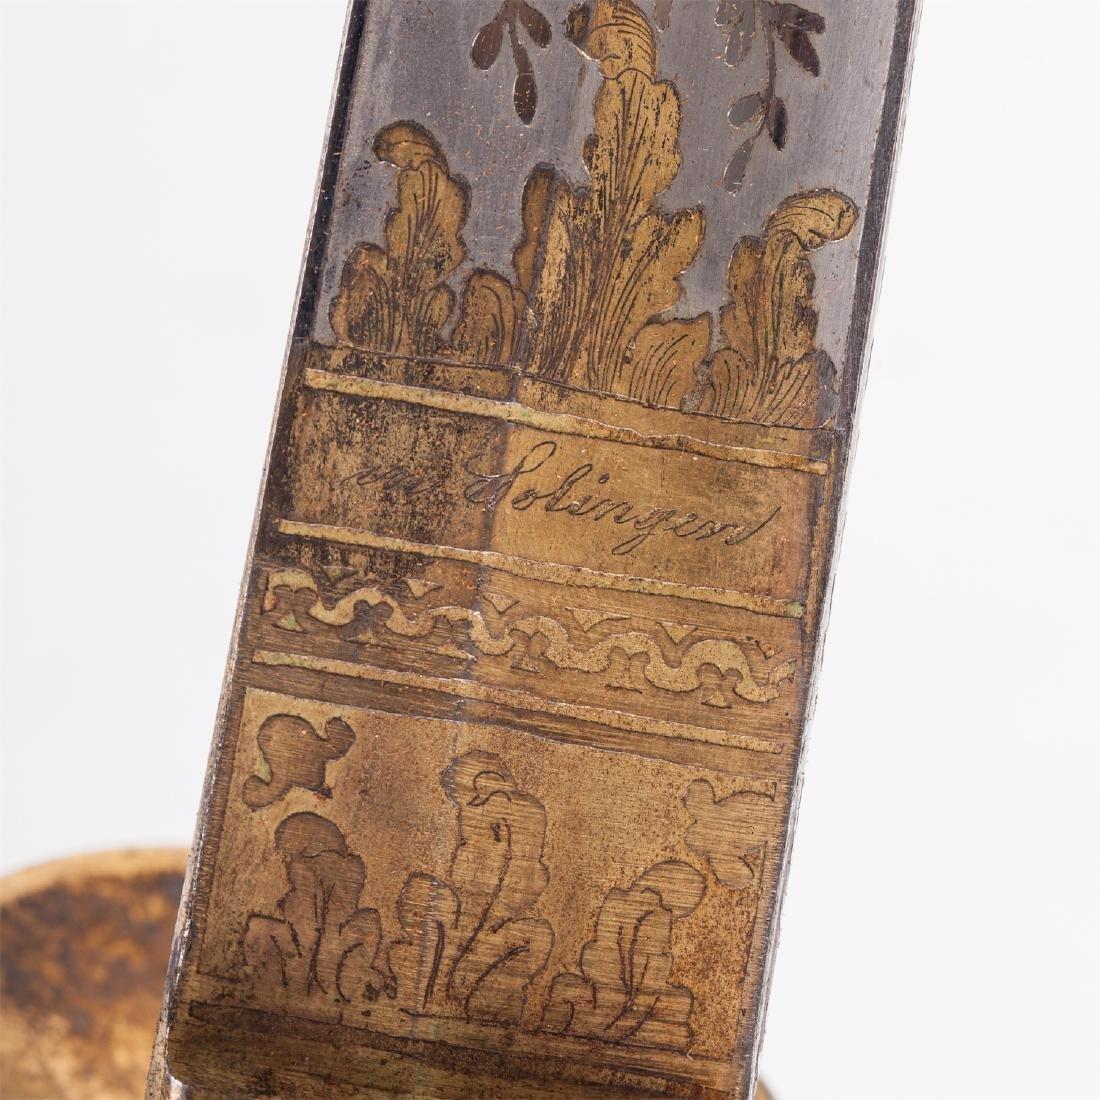 Hunting dagger with Grand Duke of Baden monogram - 7